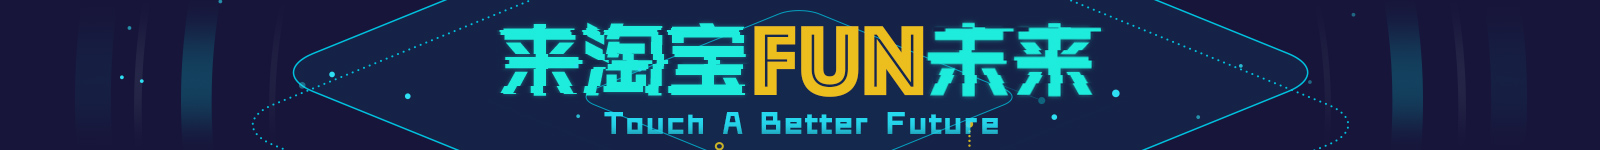 来淘宝,Fun未来